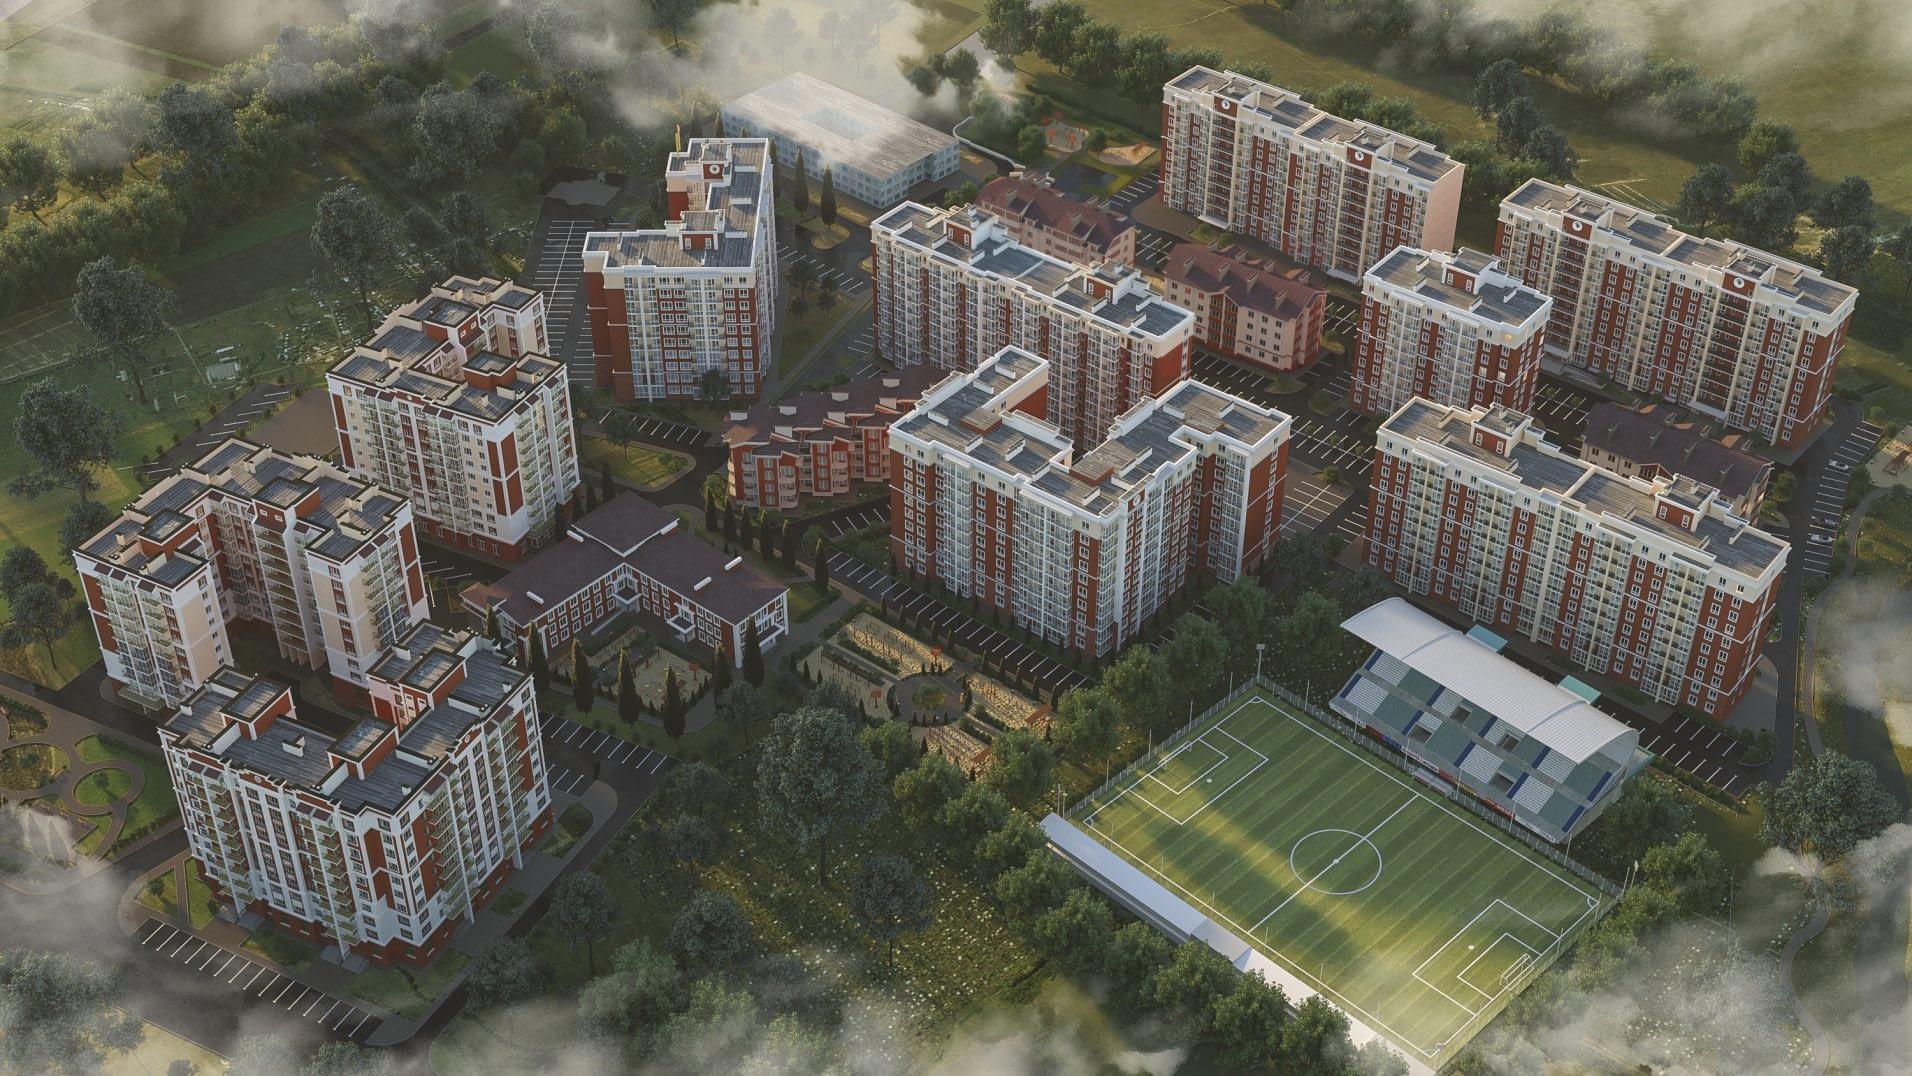 дизайн проект ЖК Покровский от Lavrov Design вид сверху